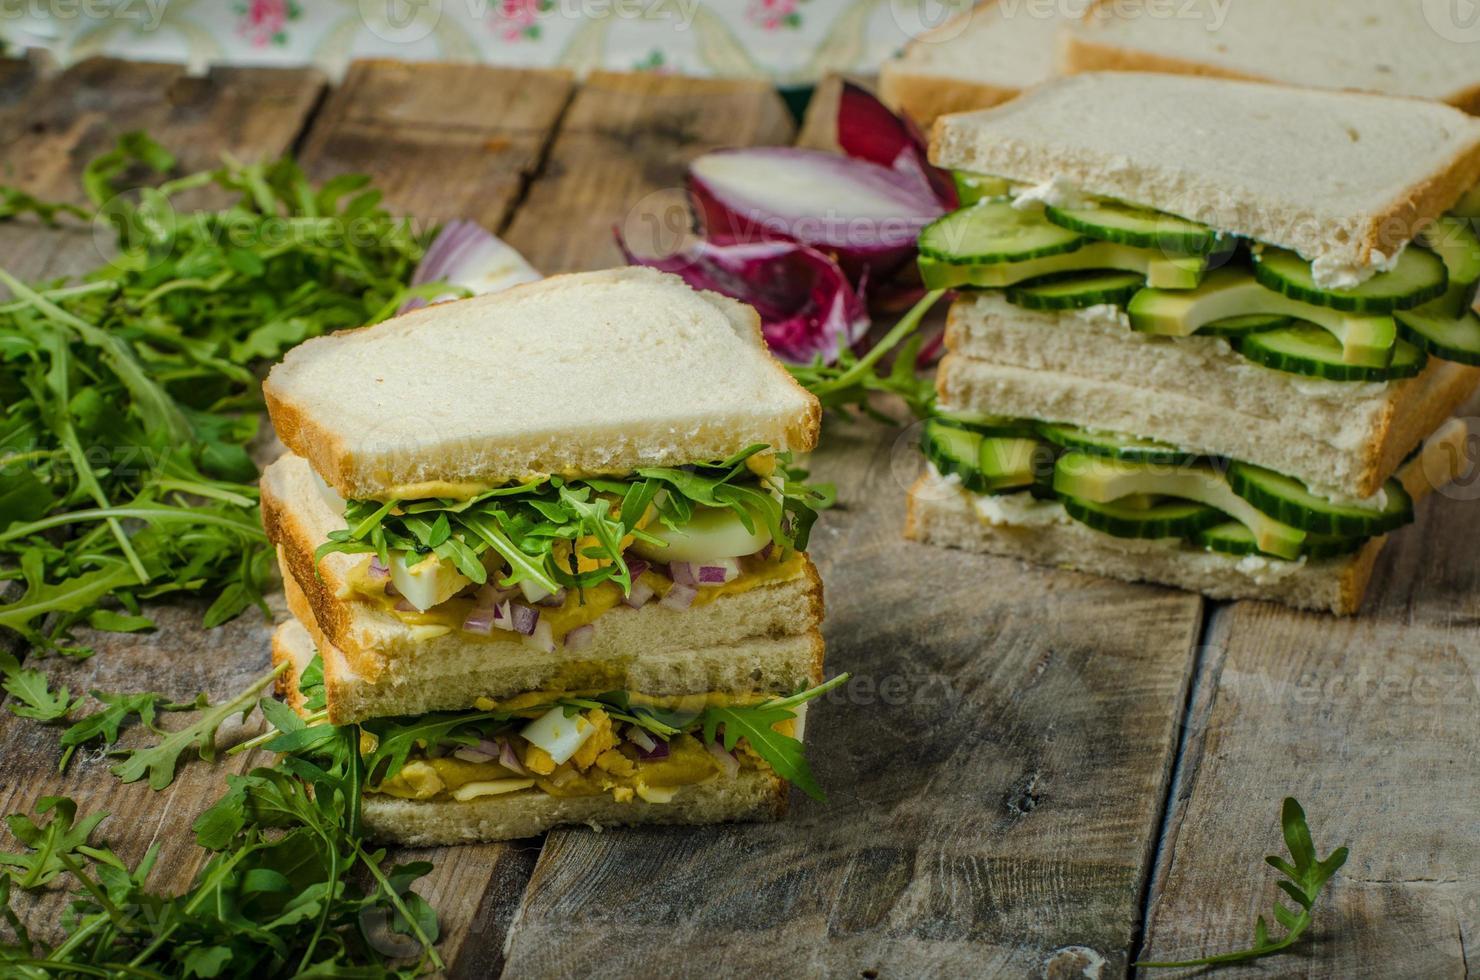 sanduíche vegetariano saudável foto